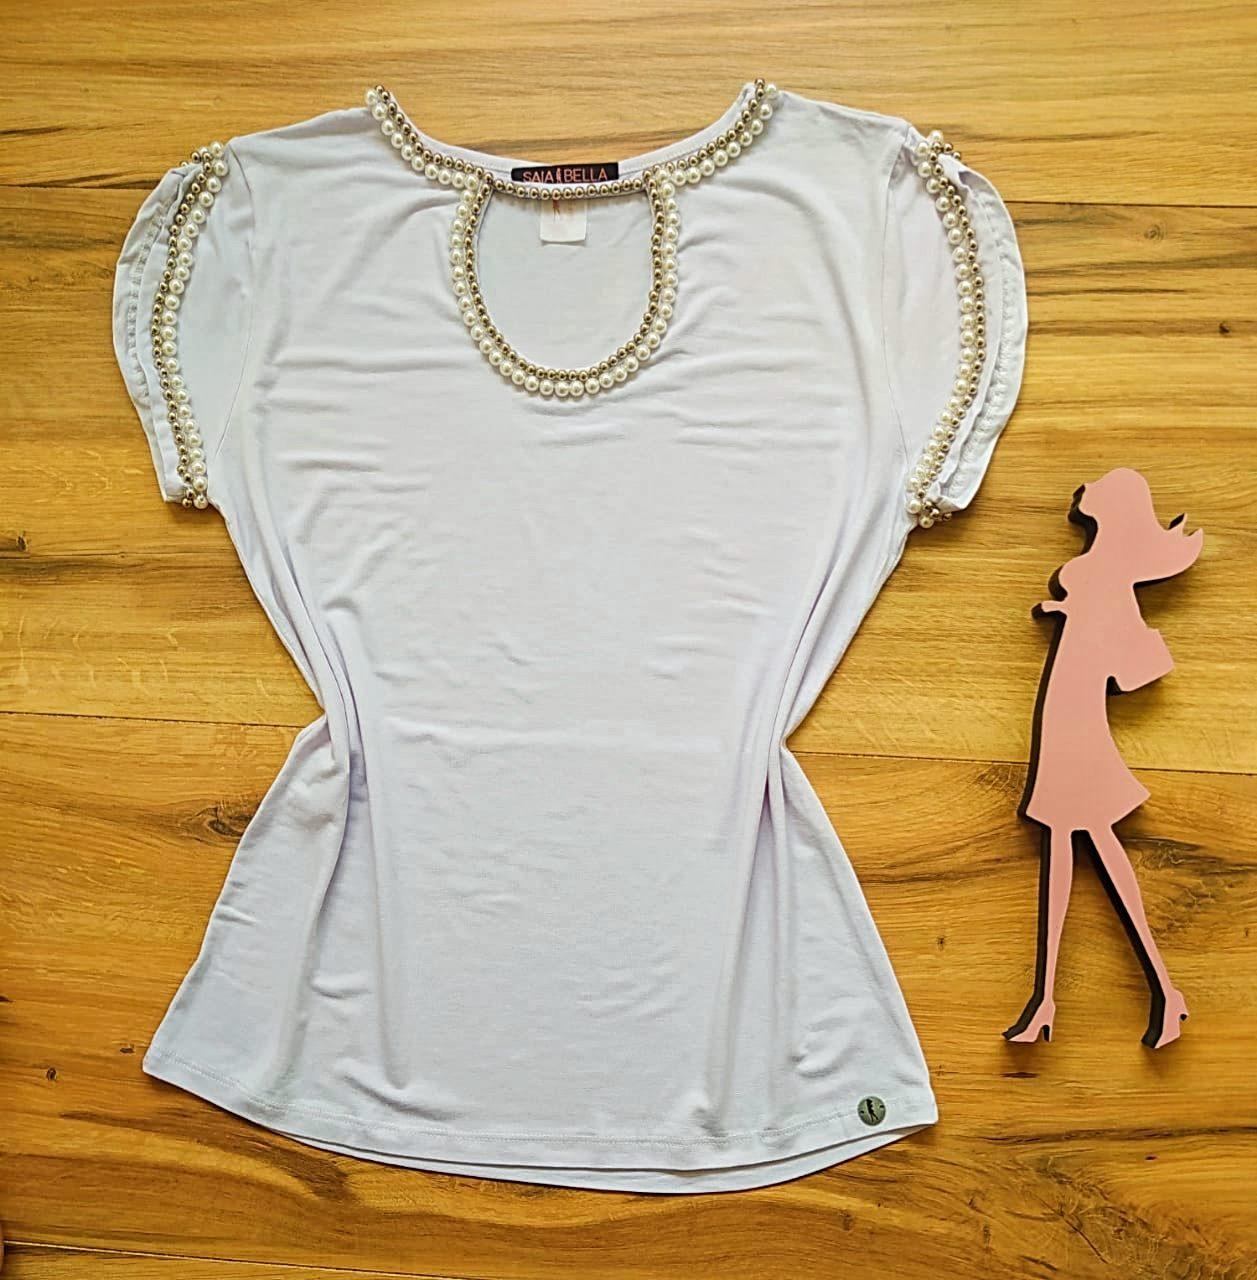 Blusa Sarah Saia Bella - SB41251 Branco